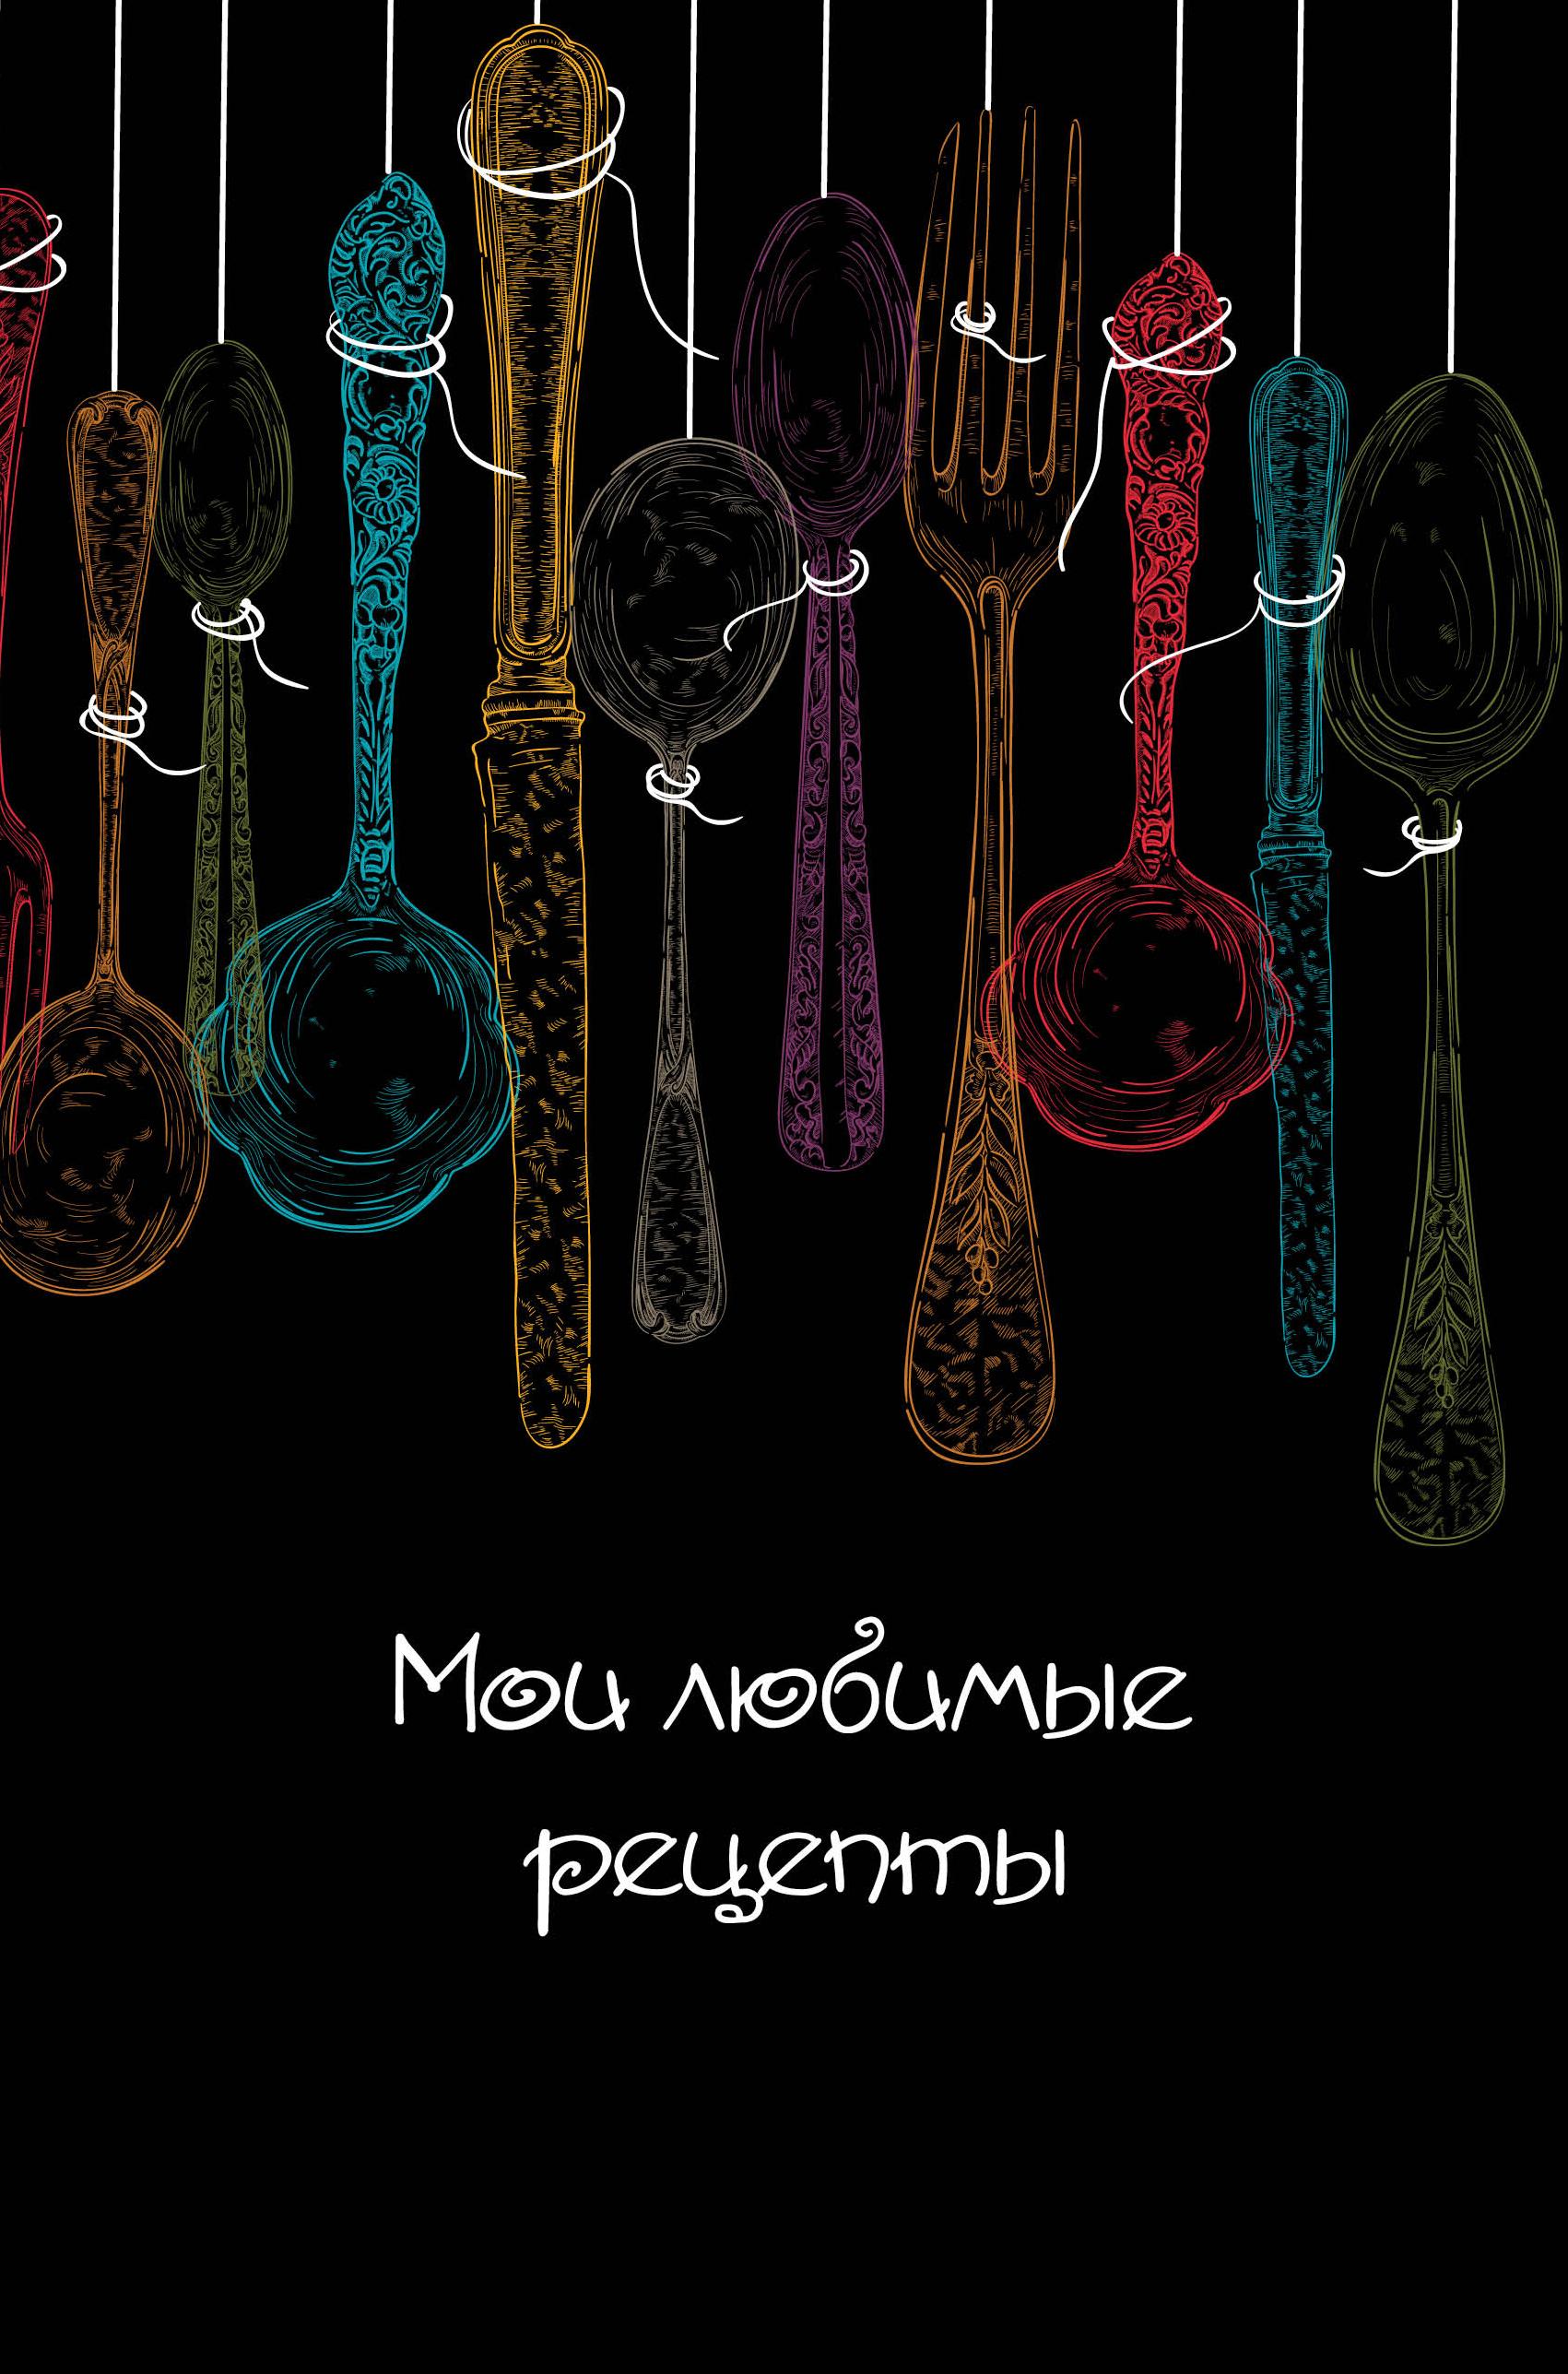 Мои любимые рецепты. Книга для записи рецептов